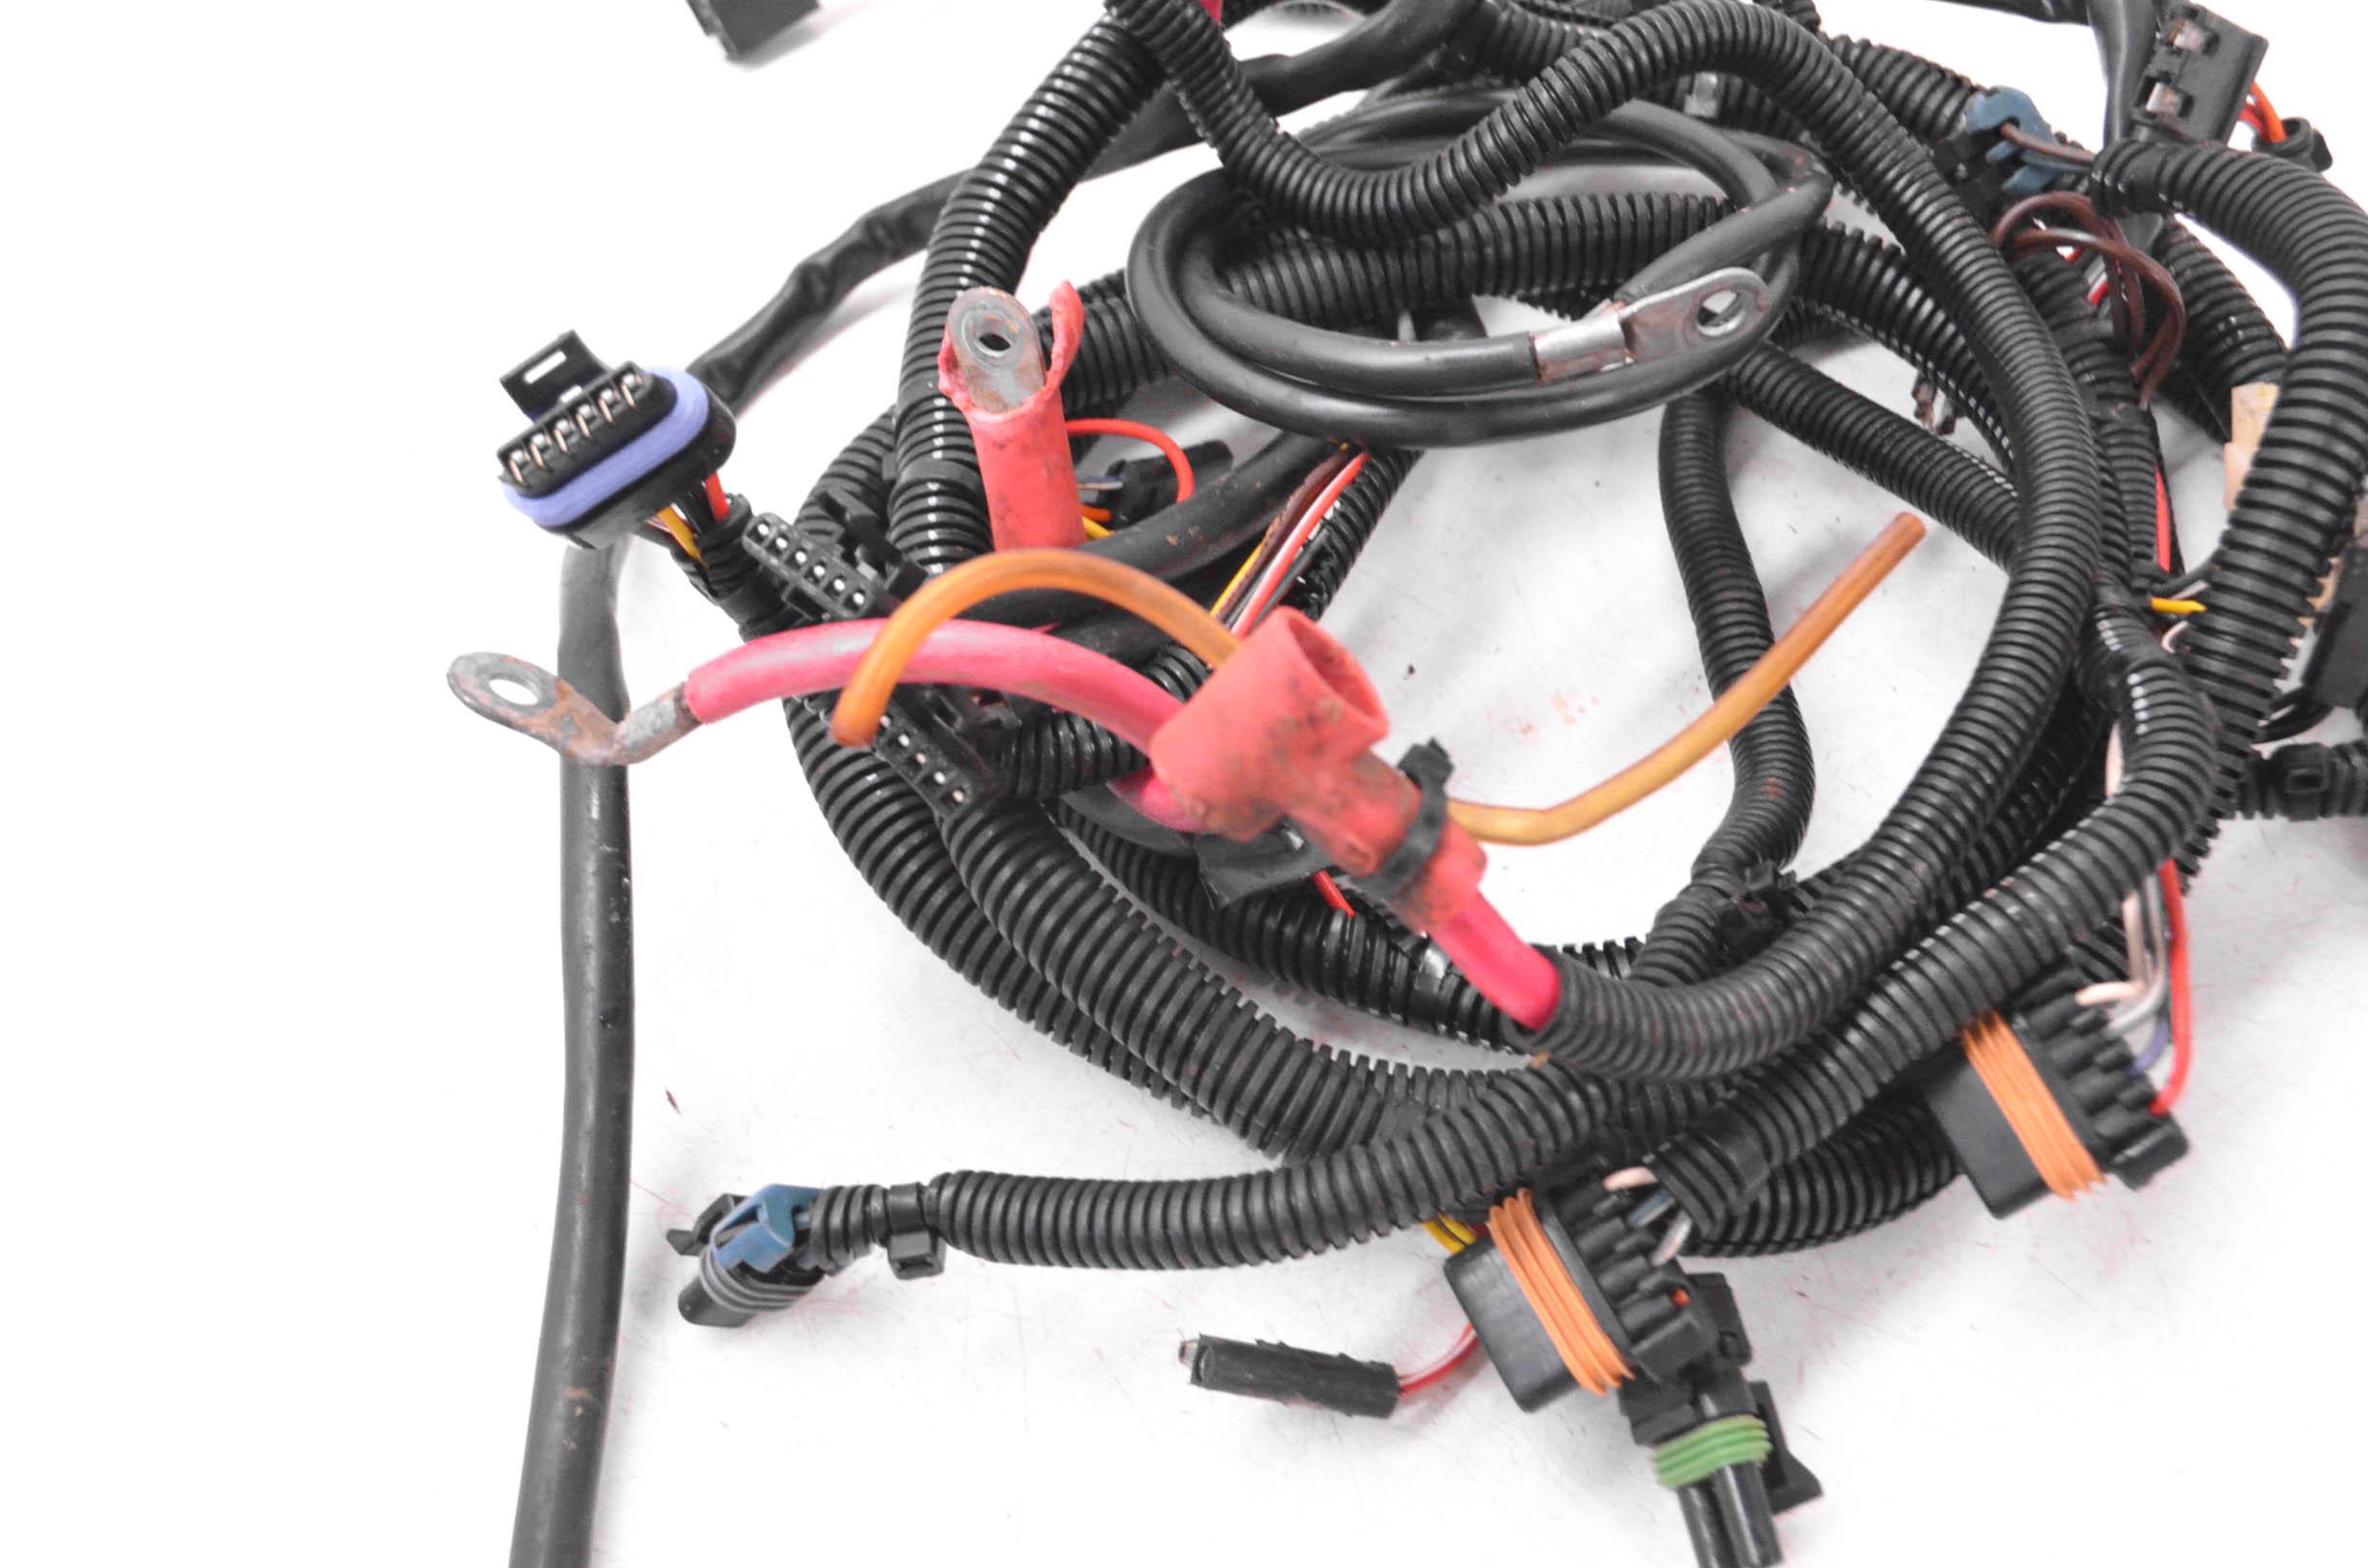 00 Polaris Sportsman 335 4x4 Wire Harness Electrical